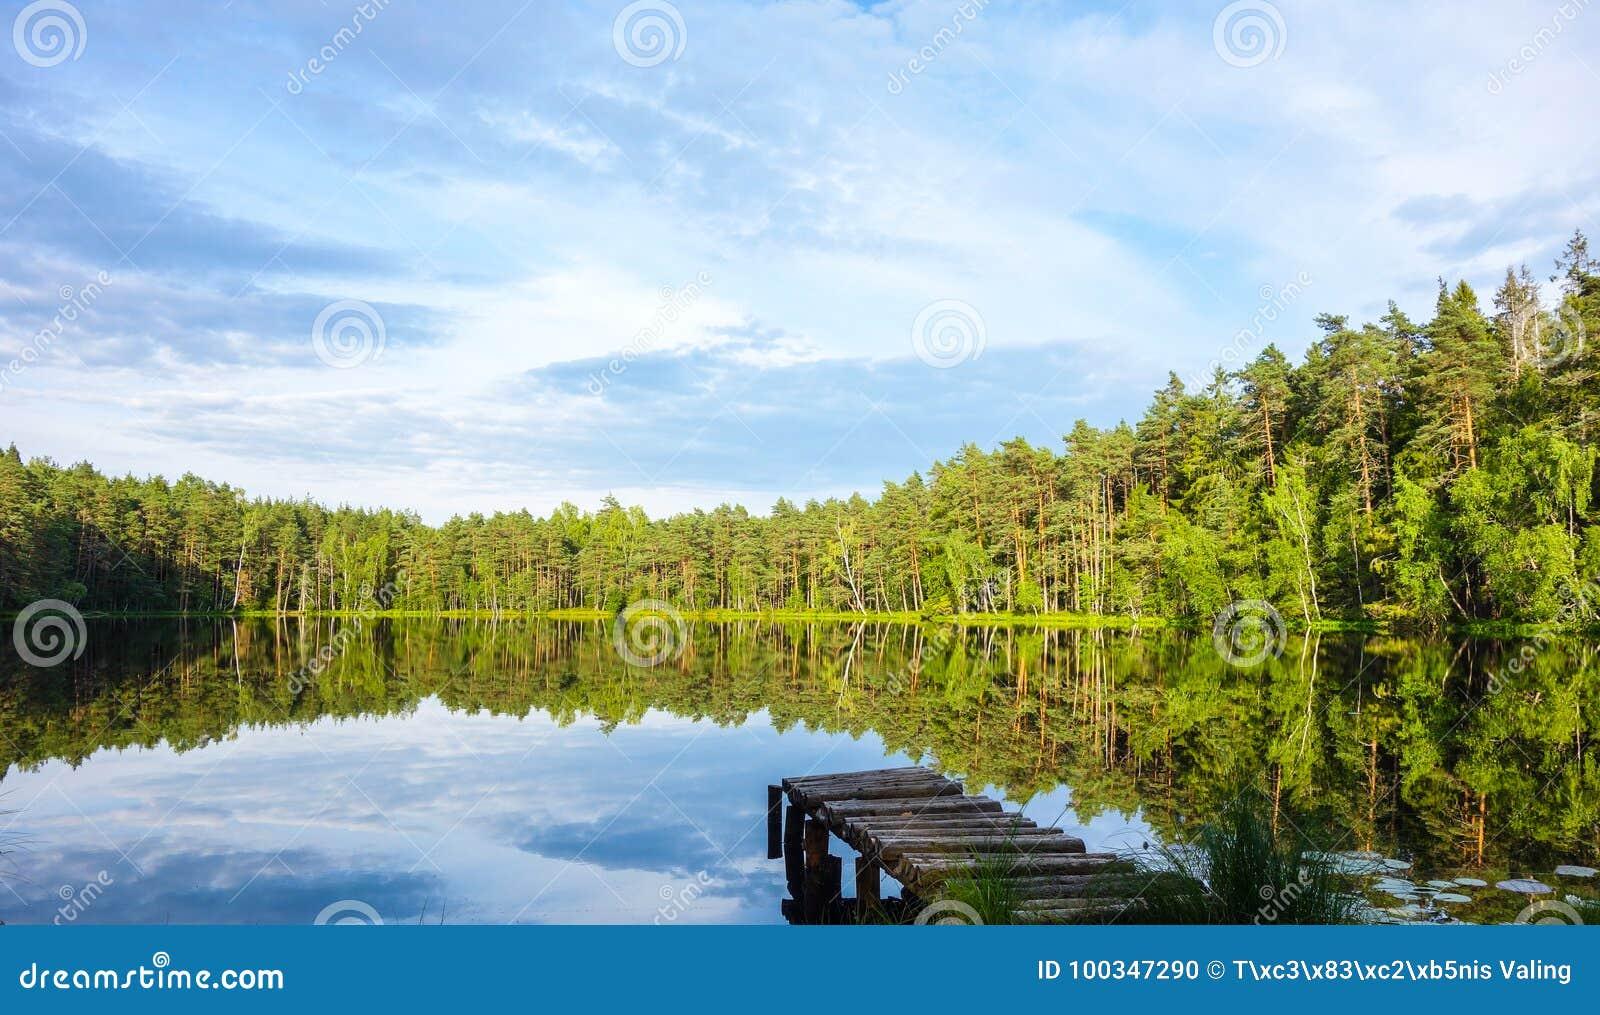 Natural bog view